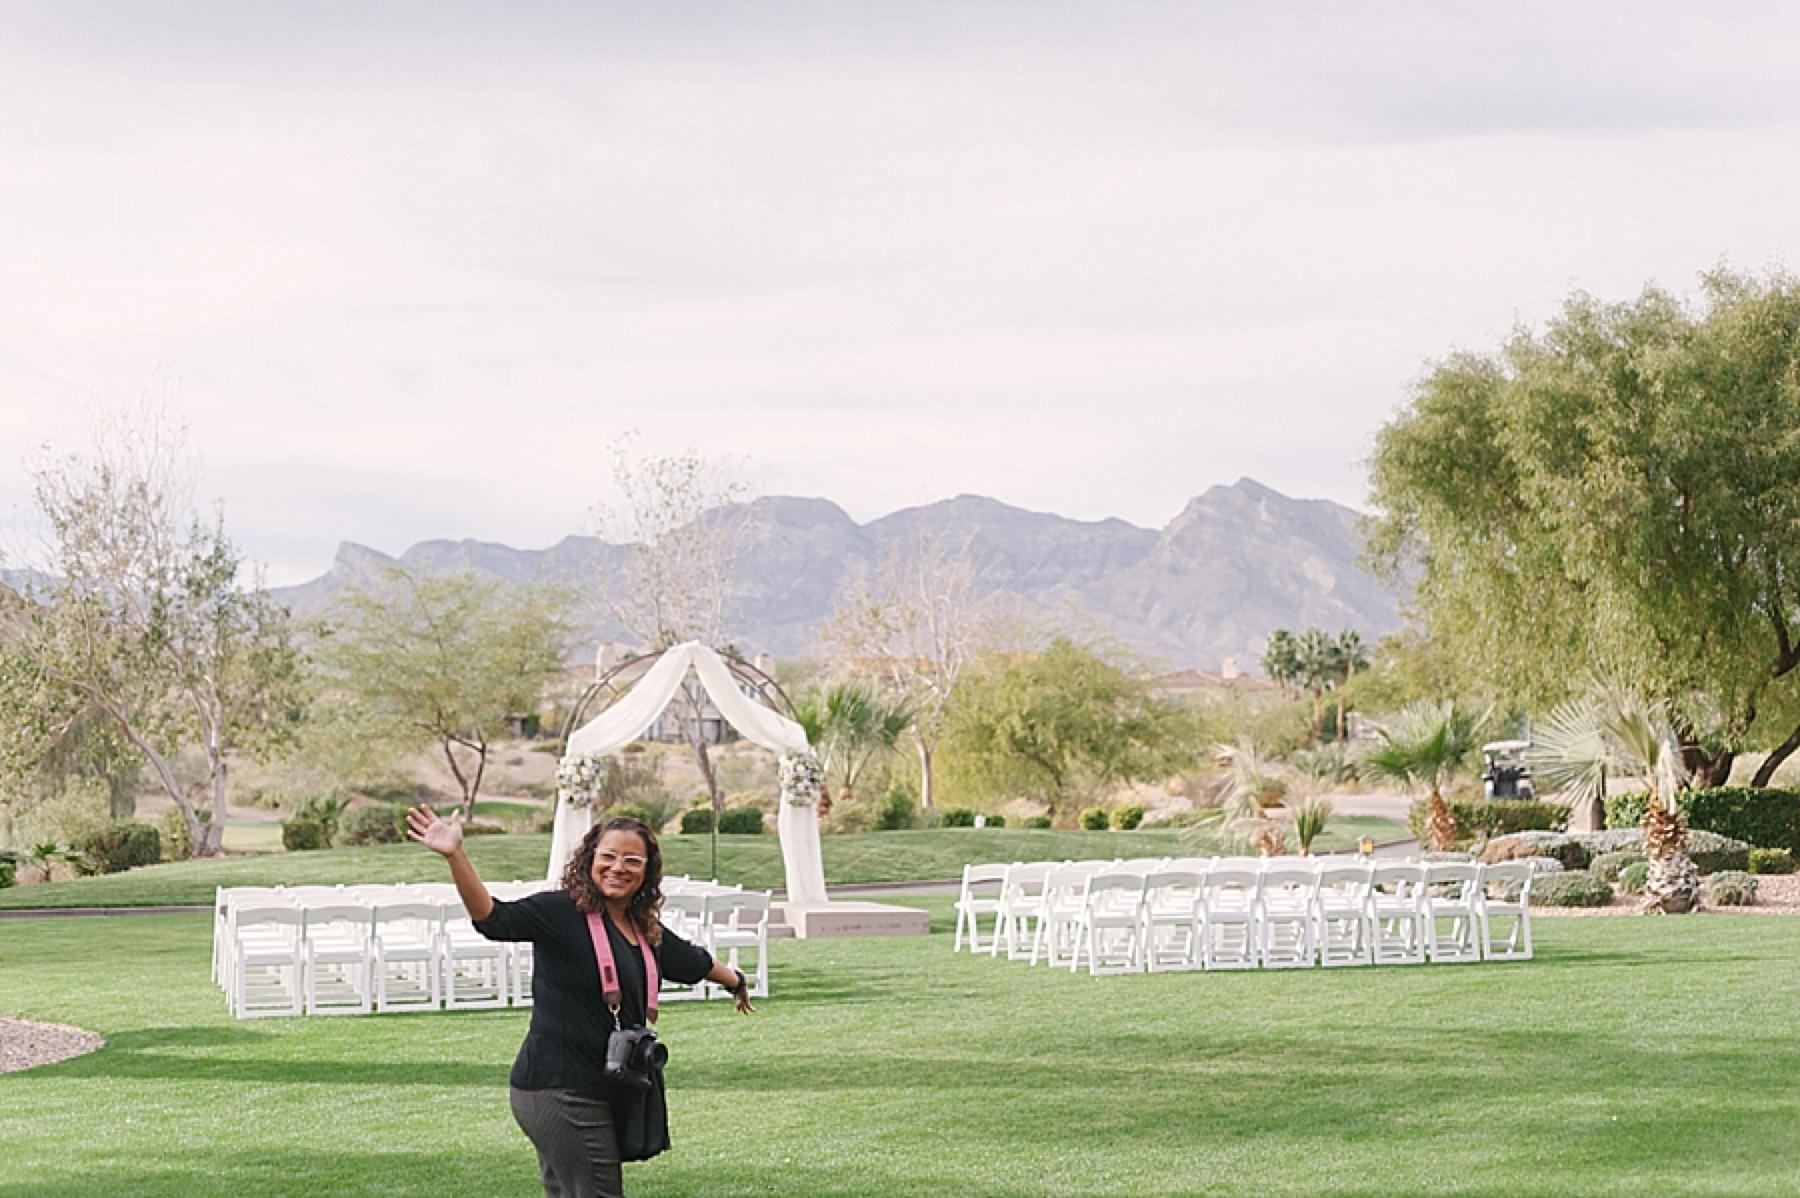 las_vegas_wedding_photographers_behind_the_scenes-01-4.jpg